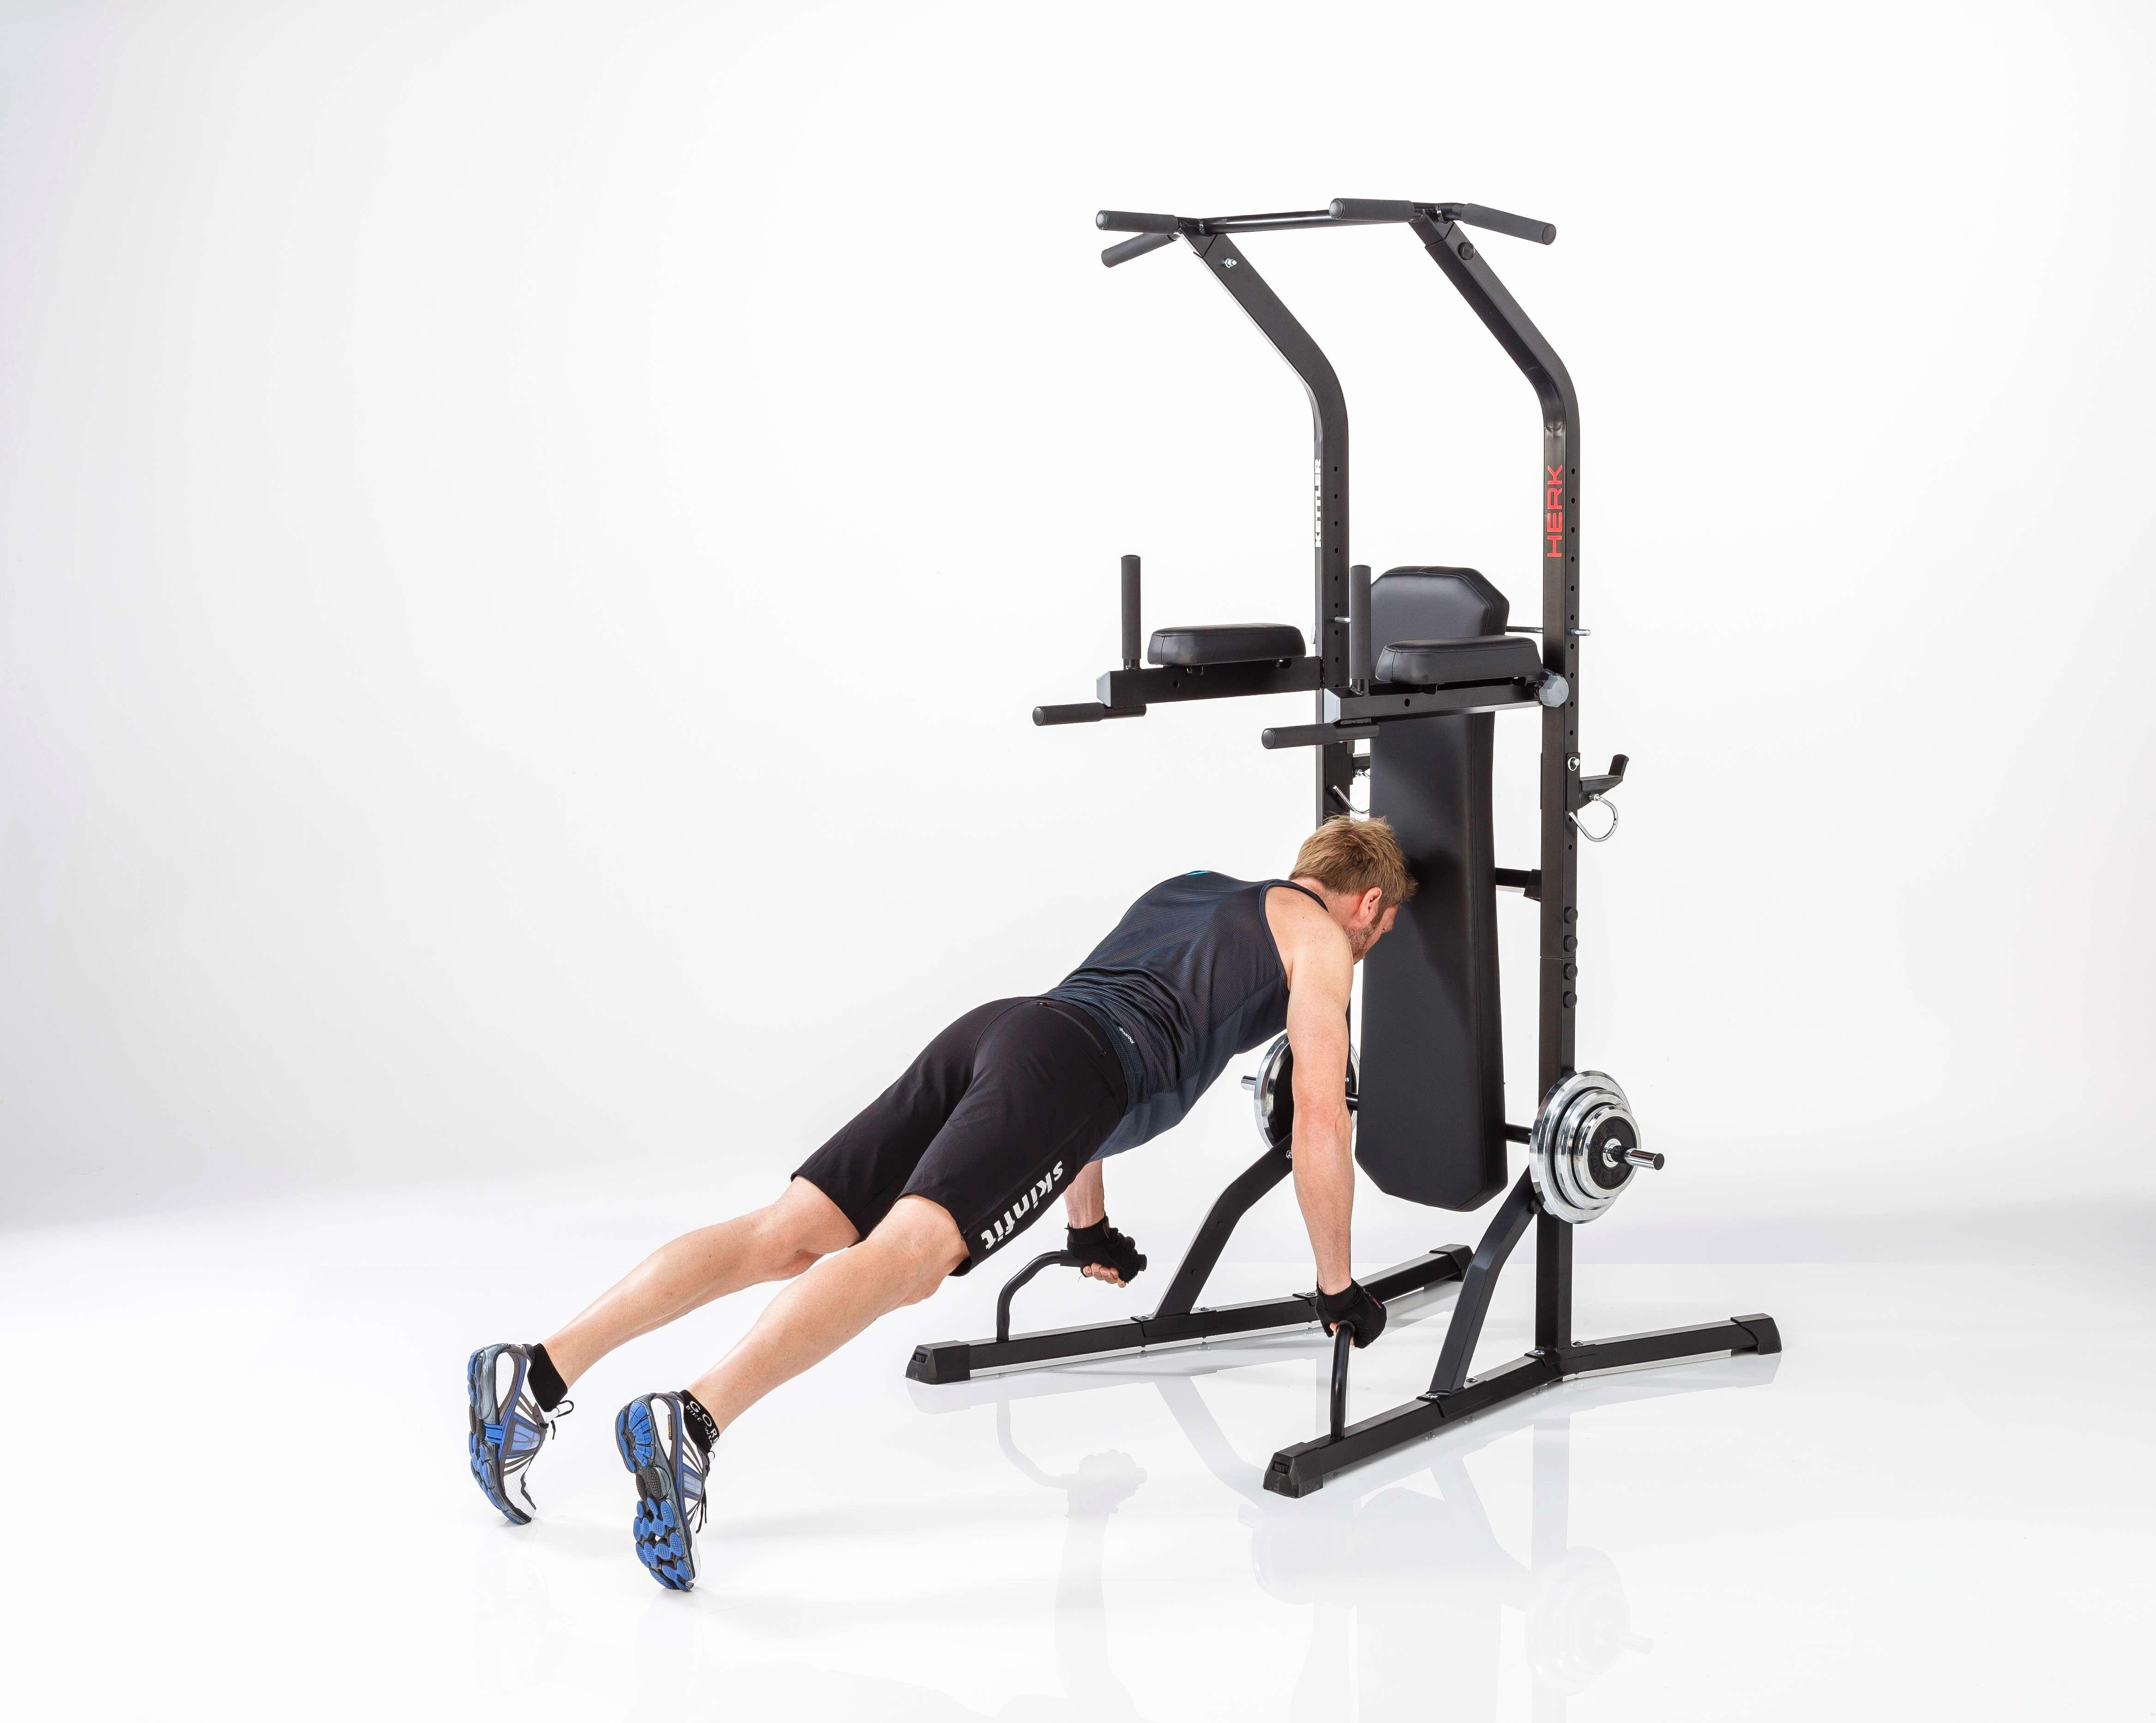 28 Unique Musculation Chaise Romaine Recommandations Banc De Musculation Ou Chaise Romaine Chaise De Musculation Banc De Musculation Musculation Abdominaux